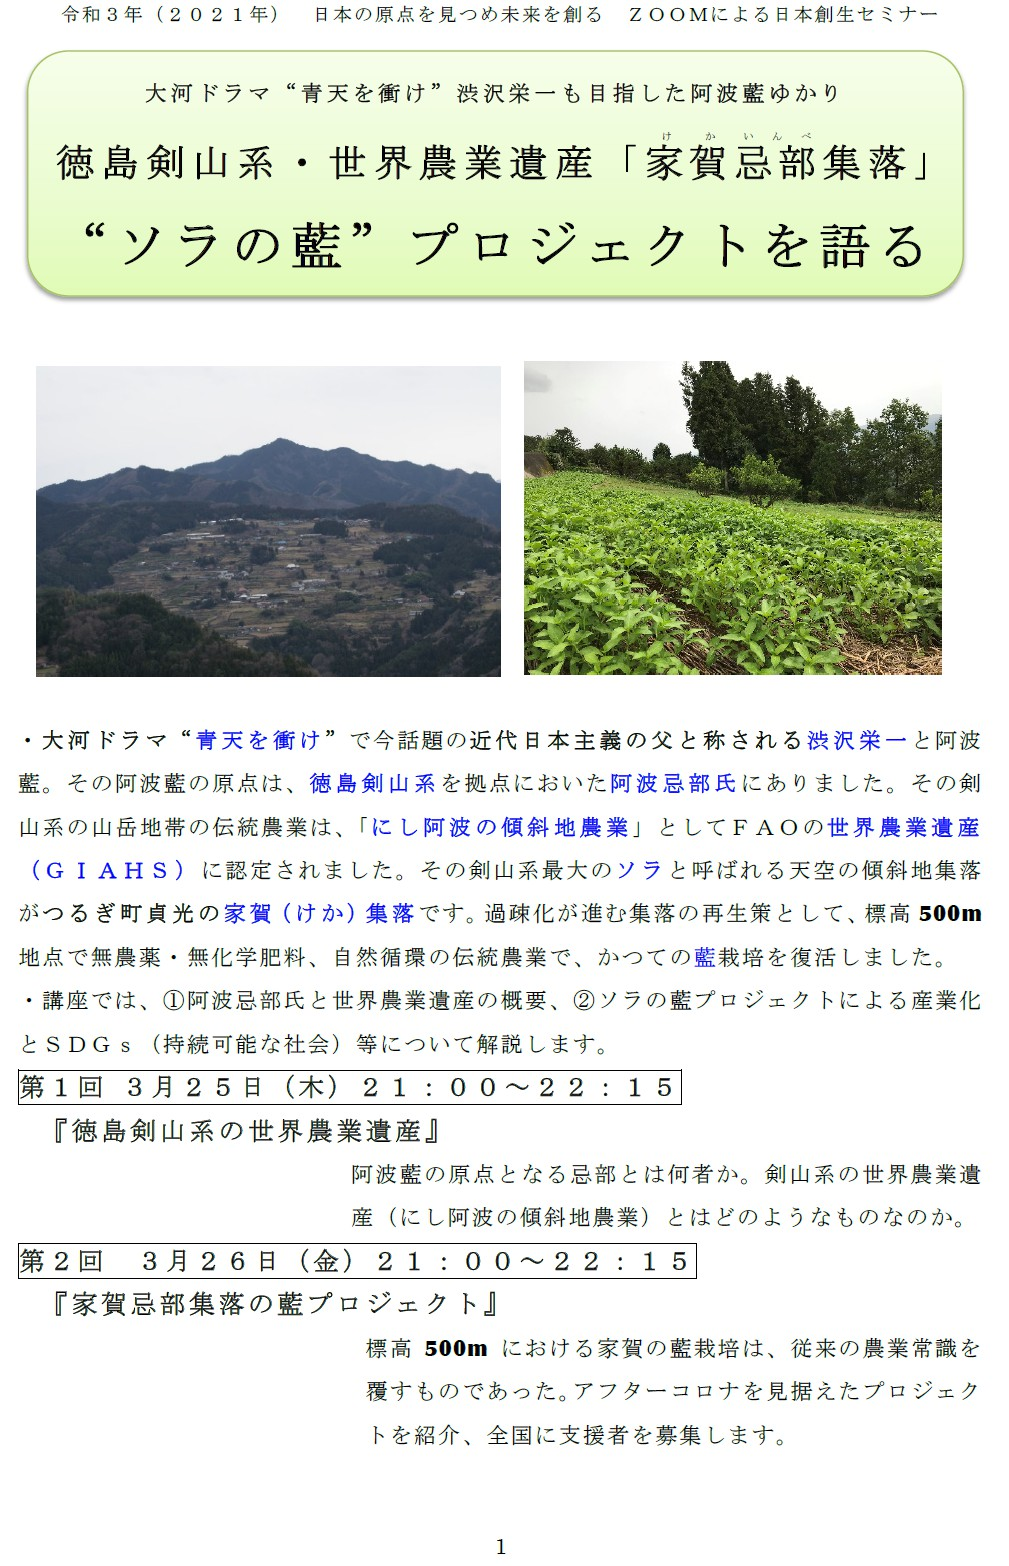 messageImage 1615290679584 - 忌部文化研究所のzoom講演、3/25.26のお知らせです!